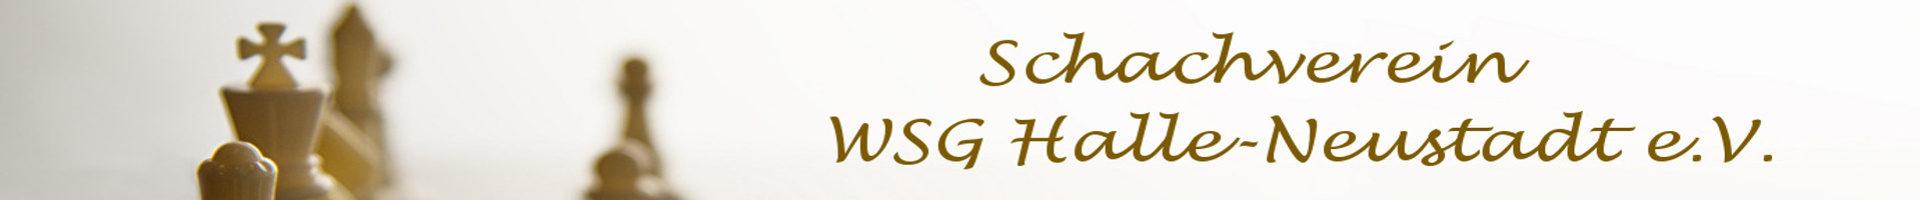 WSG Halle-Neustadt e.V.